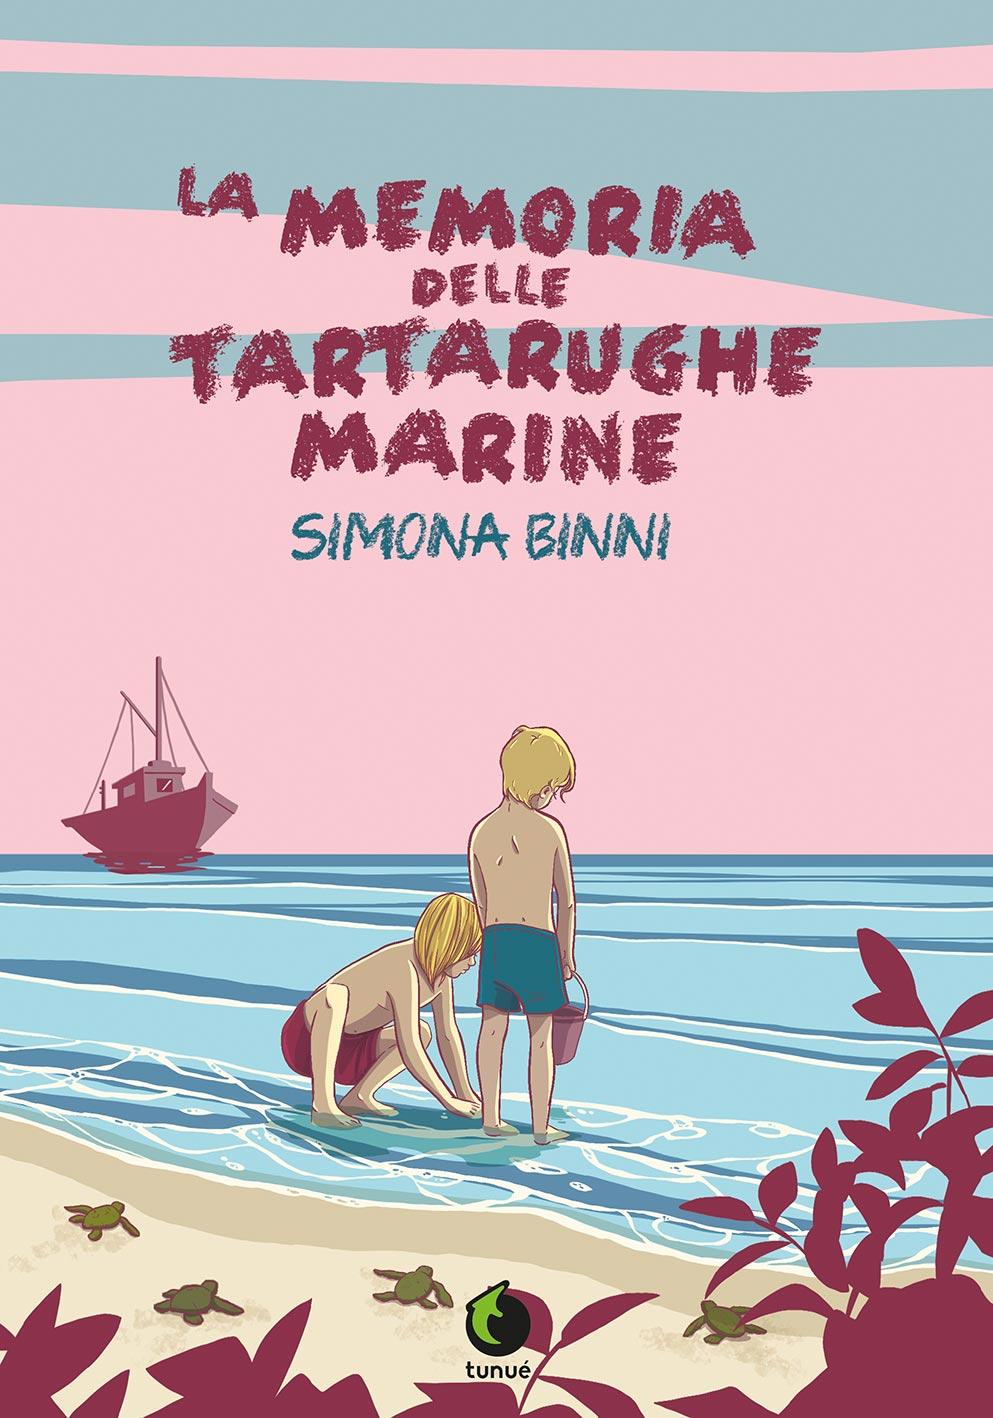 La memoria delle tartarughe marine, copertina di Simona Binni